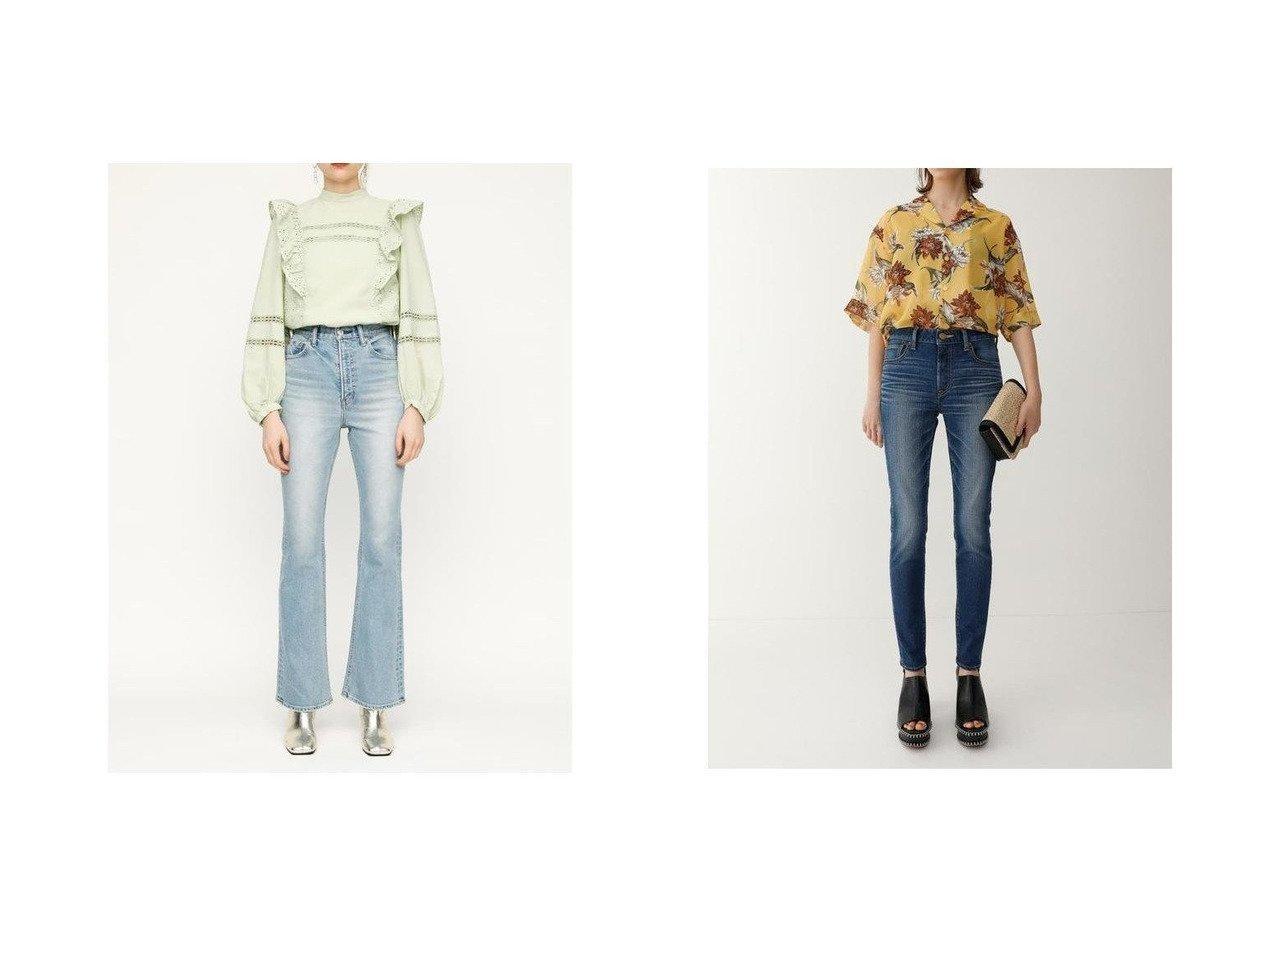 【moussy/マウジー】のWF Rebirth embroidery SKINNY&【SLY/スライ】のCole HW FLARE PT-C パンツのおすすめ!人気、トレンド・レディースファッションの通販 おすすめで人気の流行・トレンド、ファッションの通販商品 メンズファッション・キッズファッション・インテリア・家具・レディースファッション・服の通販 founy(ファニー) https://founy.com/ ファッション Fashion レディースファッション WOMEN パンツ Pants デニムパンツ Denim Pants シンプル スキニー ストレッチ デニム パフォーマンス NEW・新作・新着・新入荷 New Arrivals フレア ヴィンテージ |ID:crp329100000023849